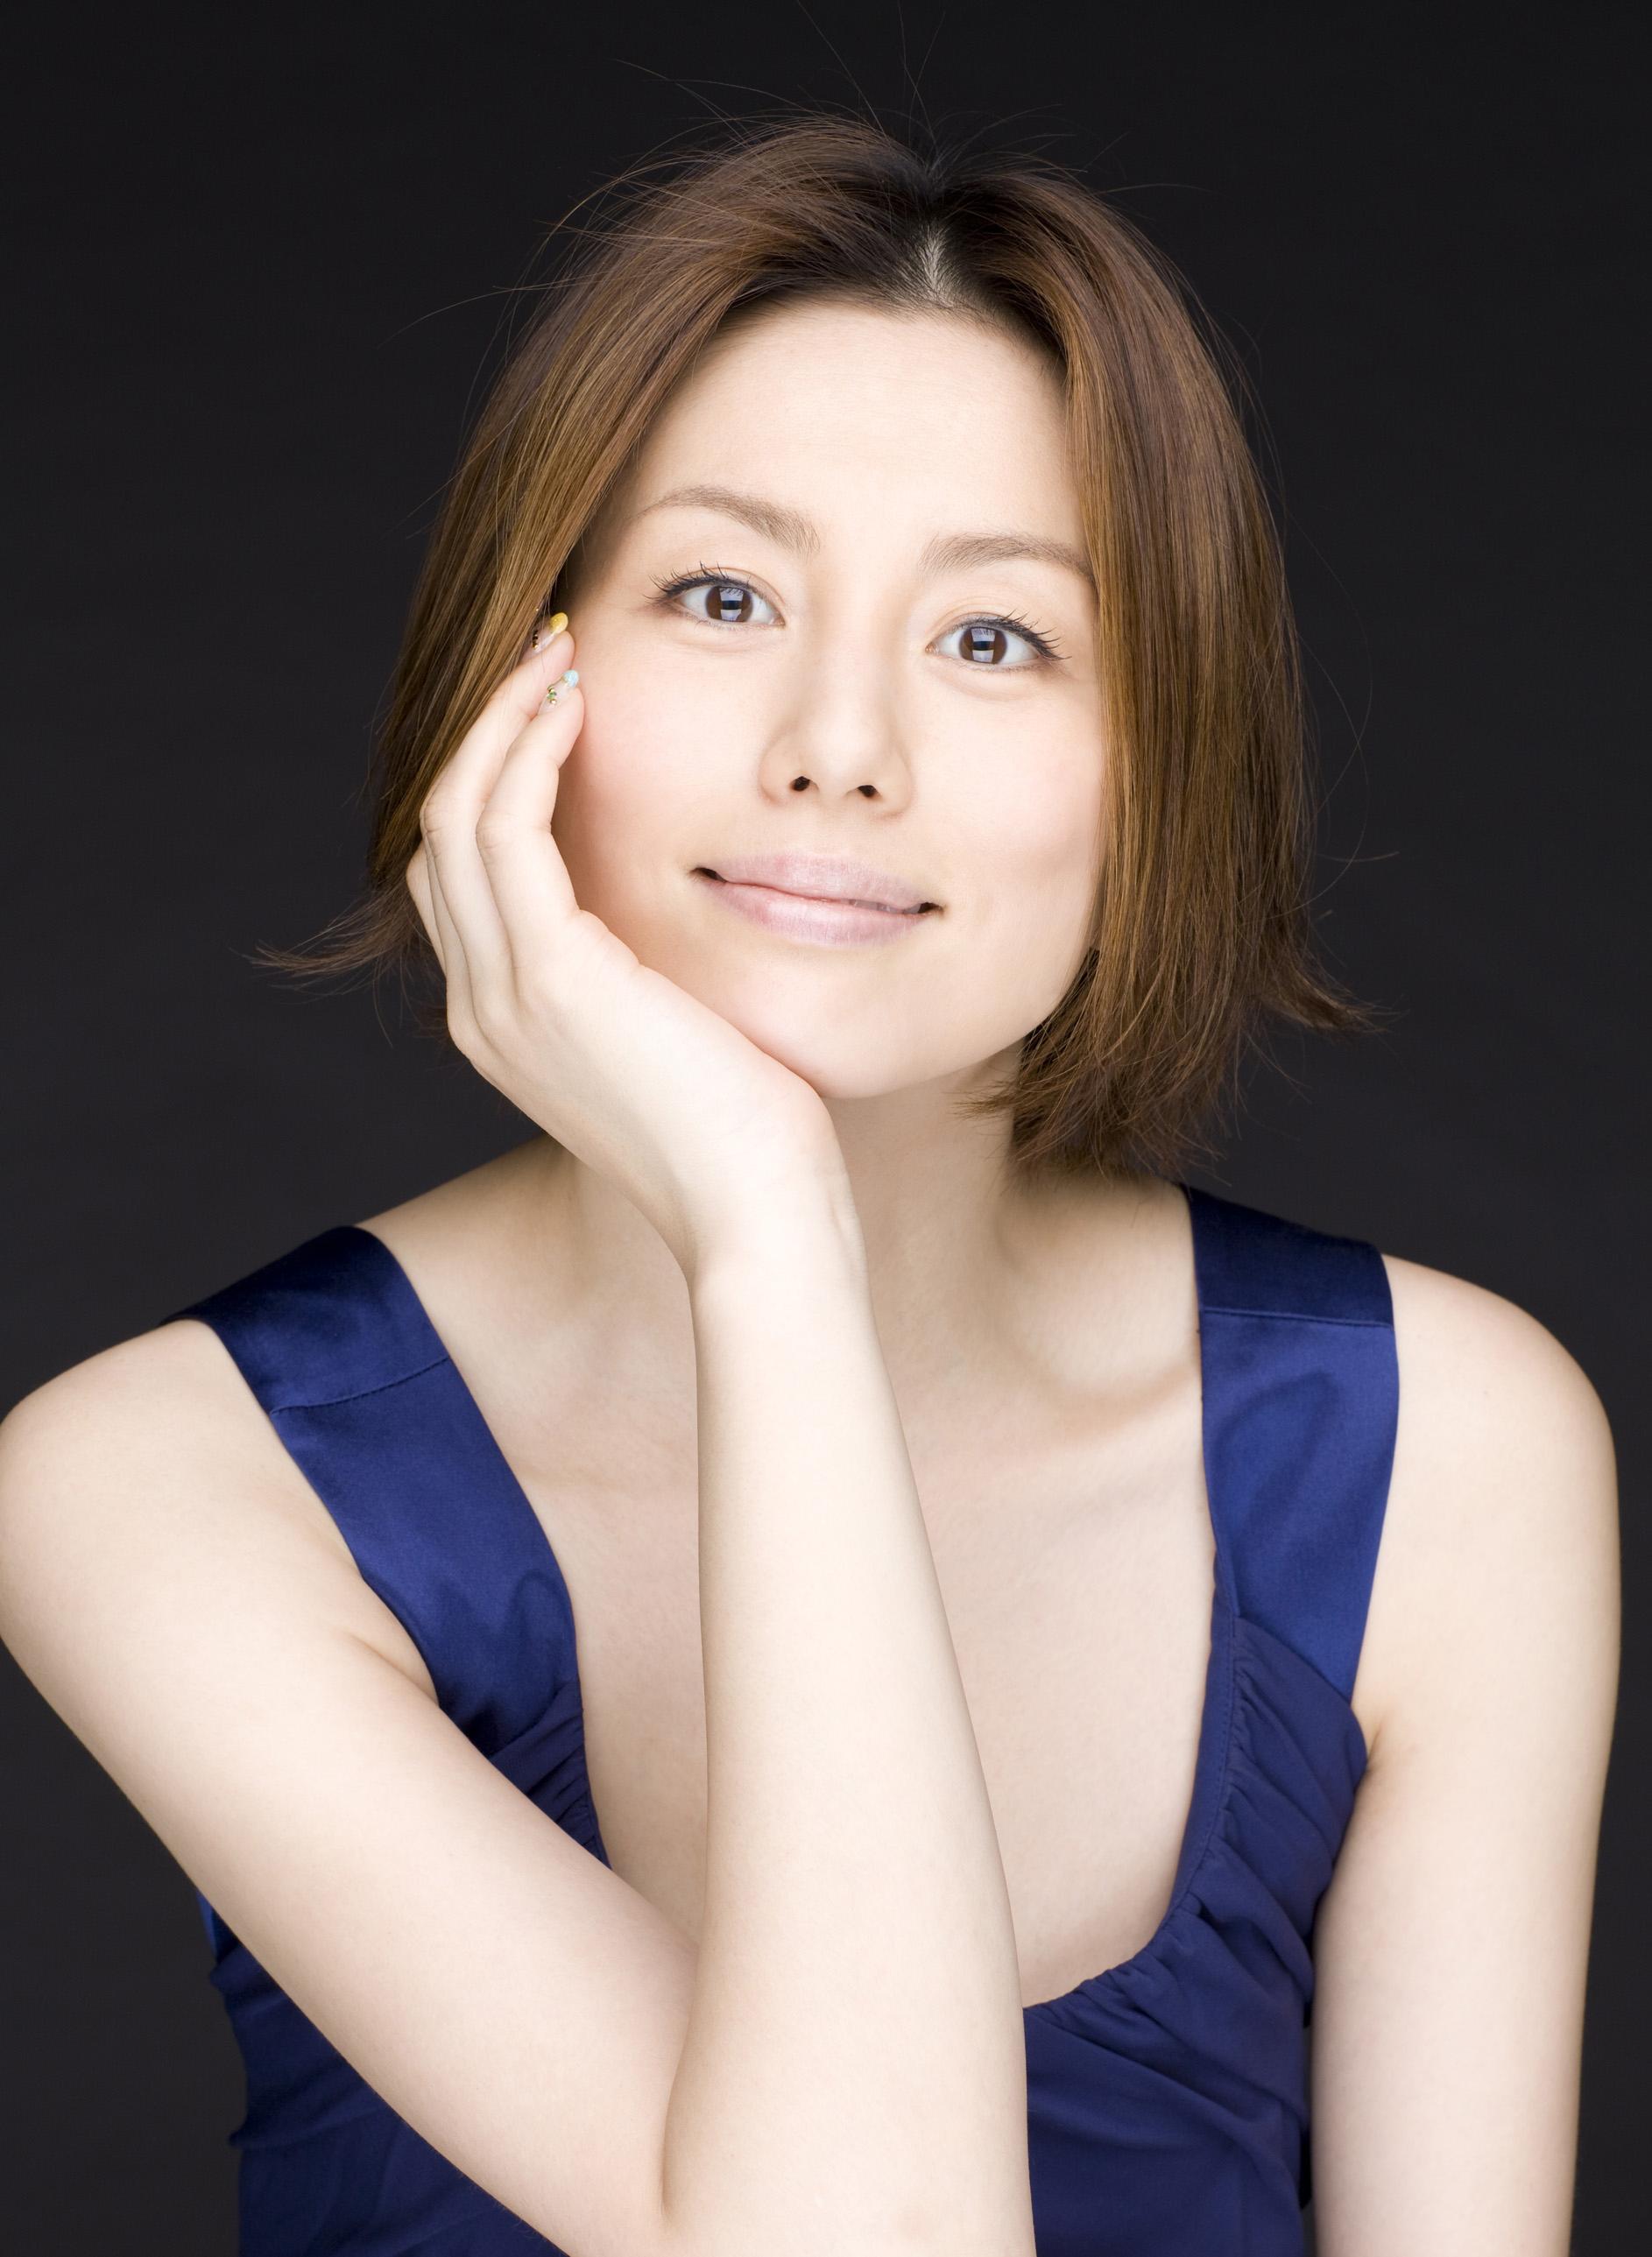 米倉涼子のヘアスタイルがとても素敵!参考にしたい女性芸能人!のサムネイル画像